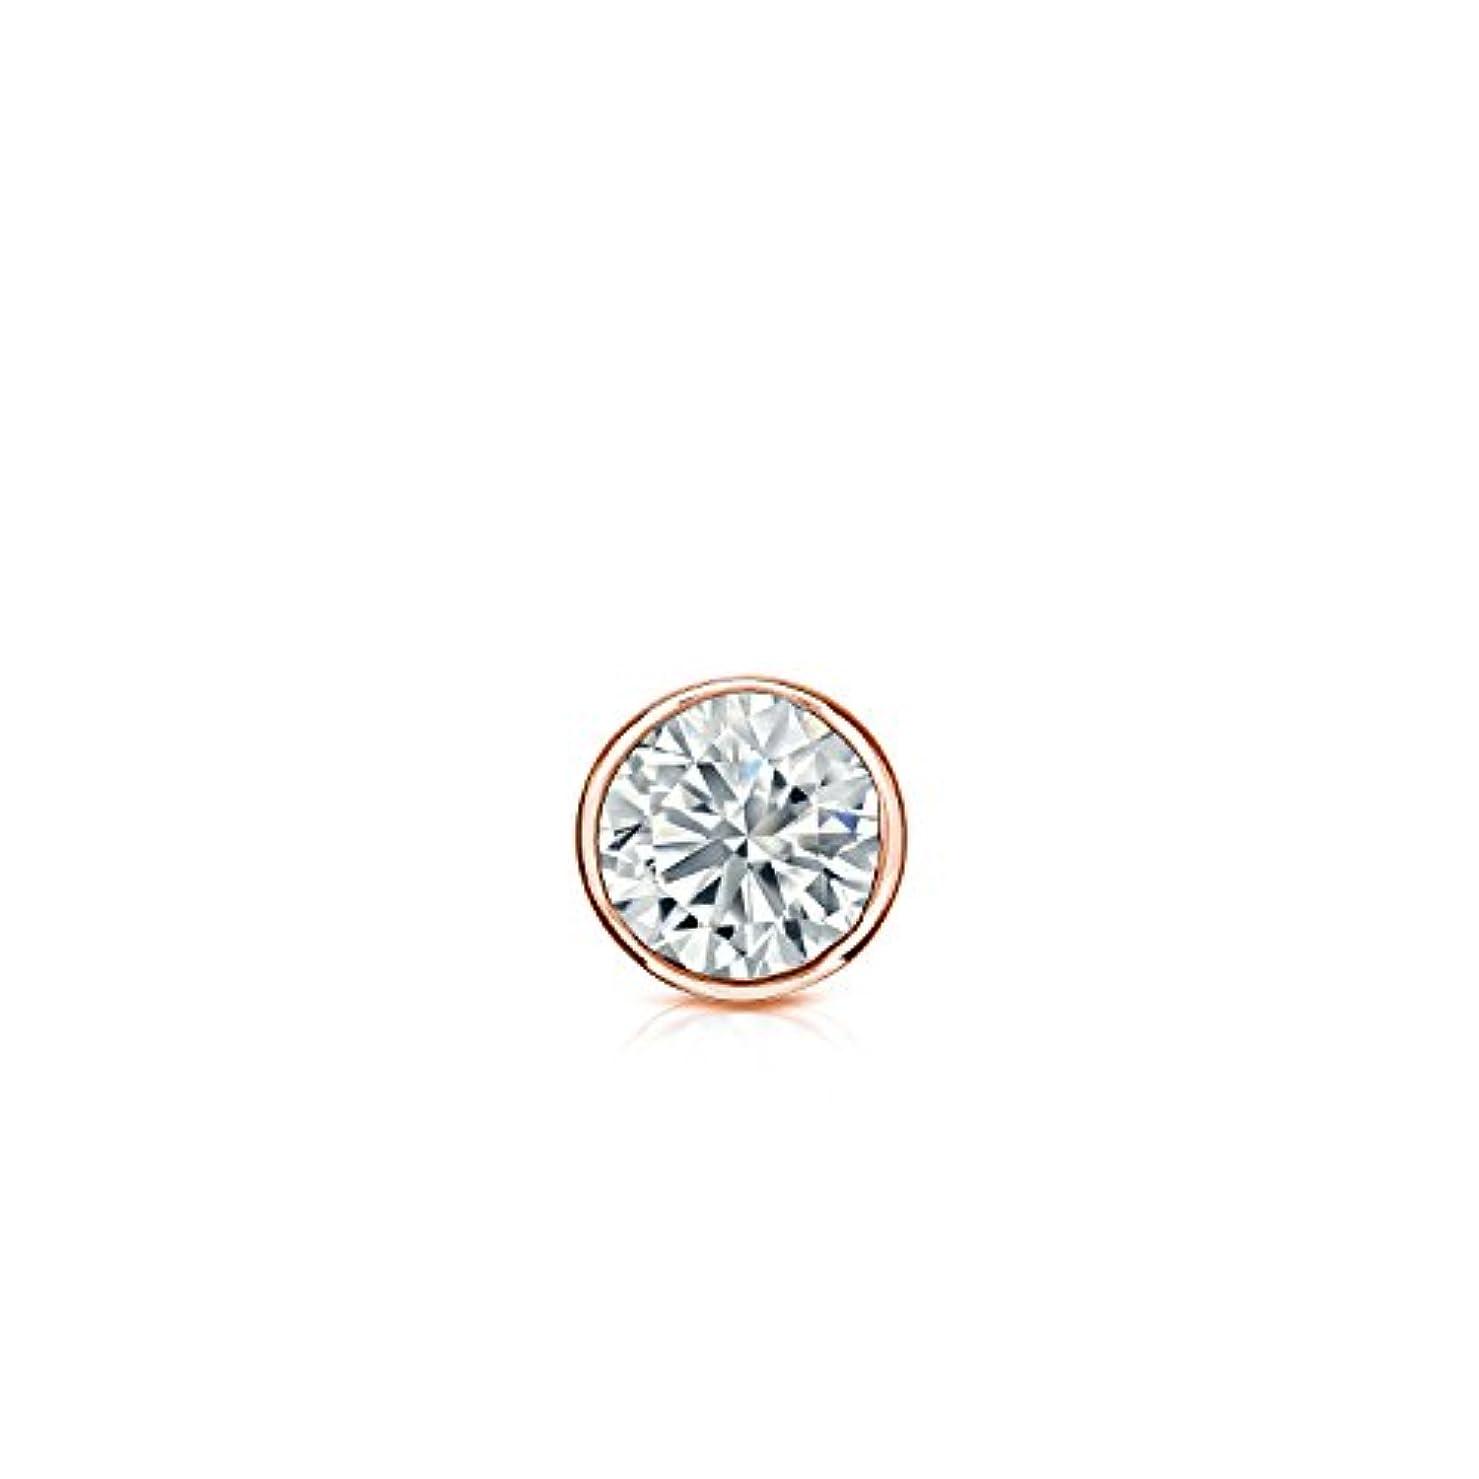 犠牲知人密度14 Kゴールドbezel-setラウンドダイヤモンドシングルスタッドイヤリング( 0.08ct、Oホワイト、i1 - i2 ) push-back